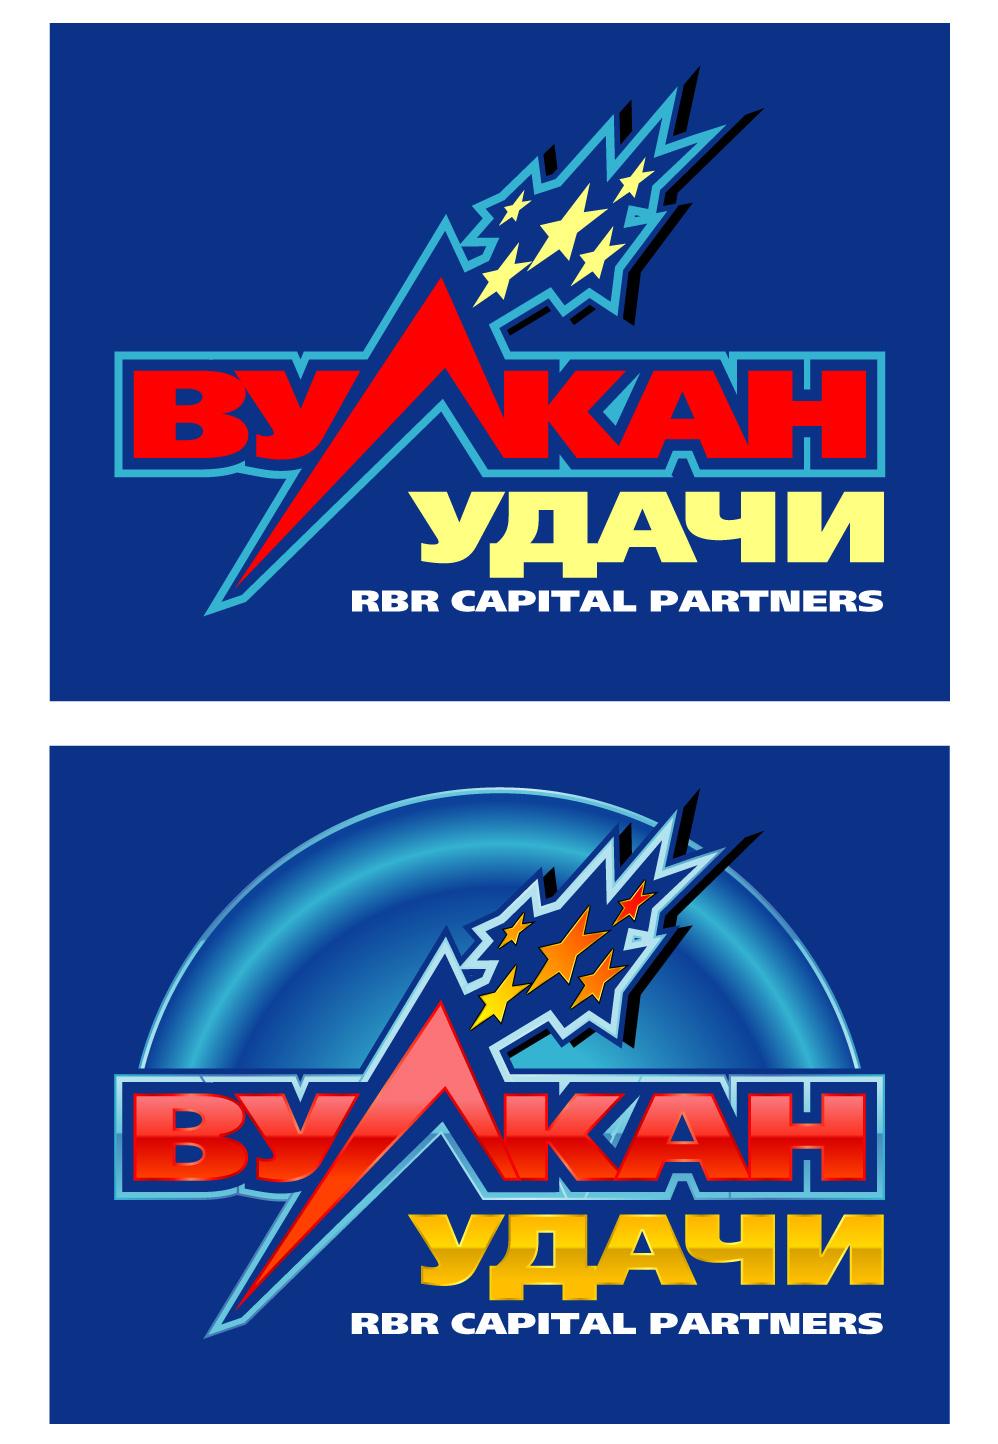 Разработка логотипа для брокерской компании ВУЛКАН УДАЧИ фото f_90851a75a2825192.jpg